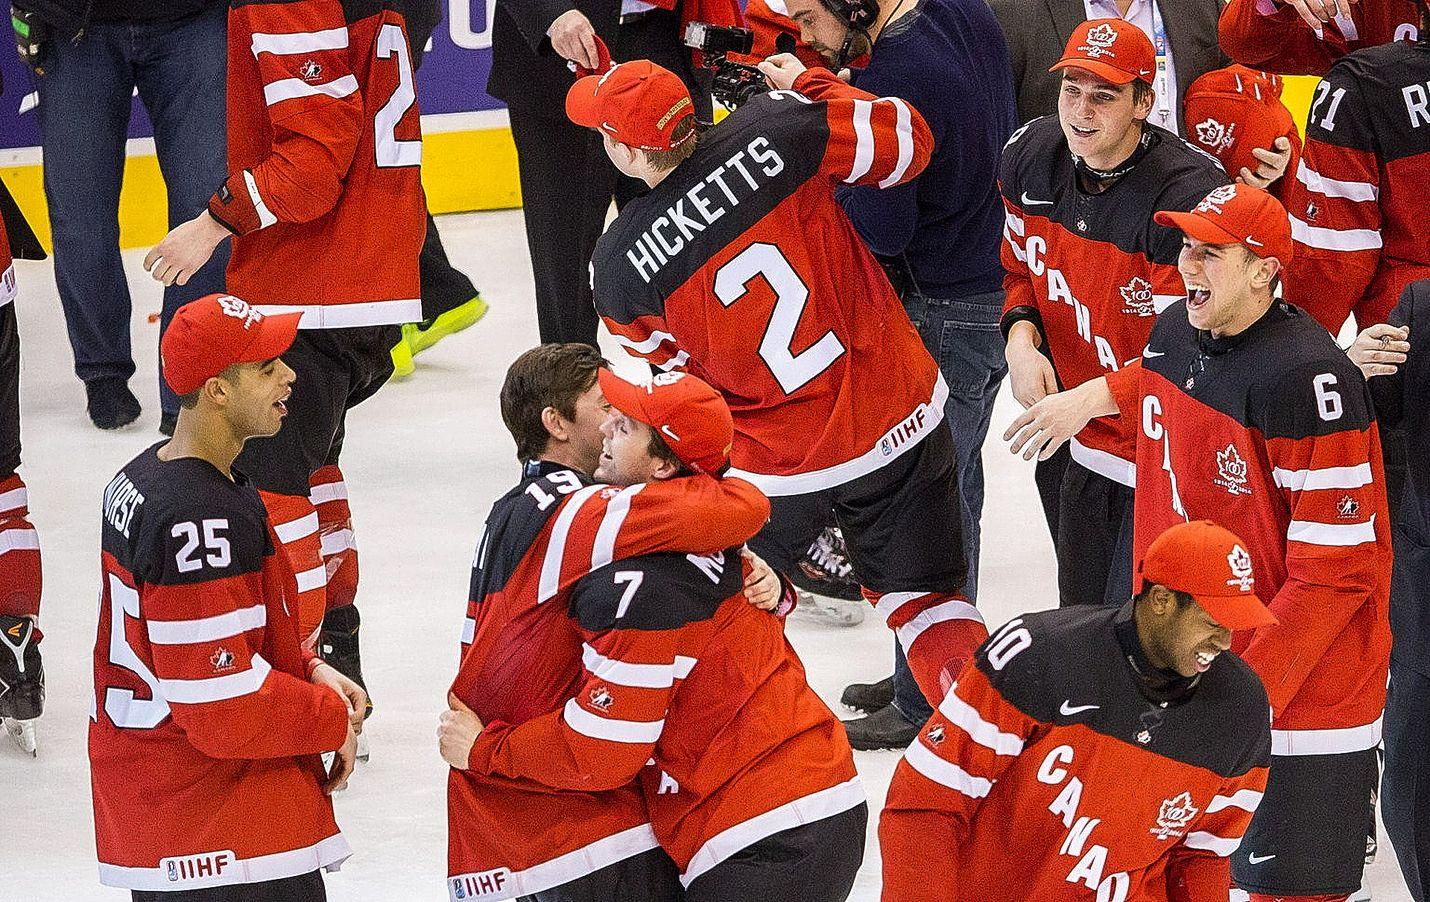 Kanadalaiset juhlivat nuorten maailmanmestaruutta 2015.